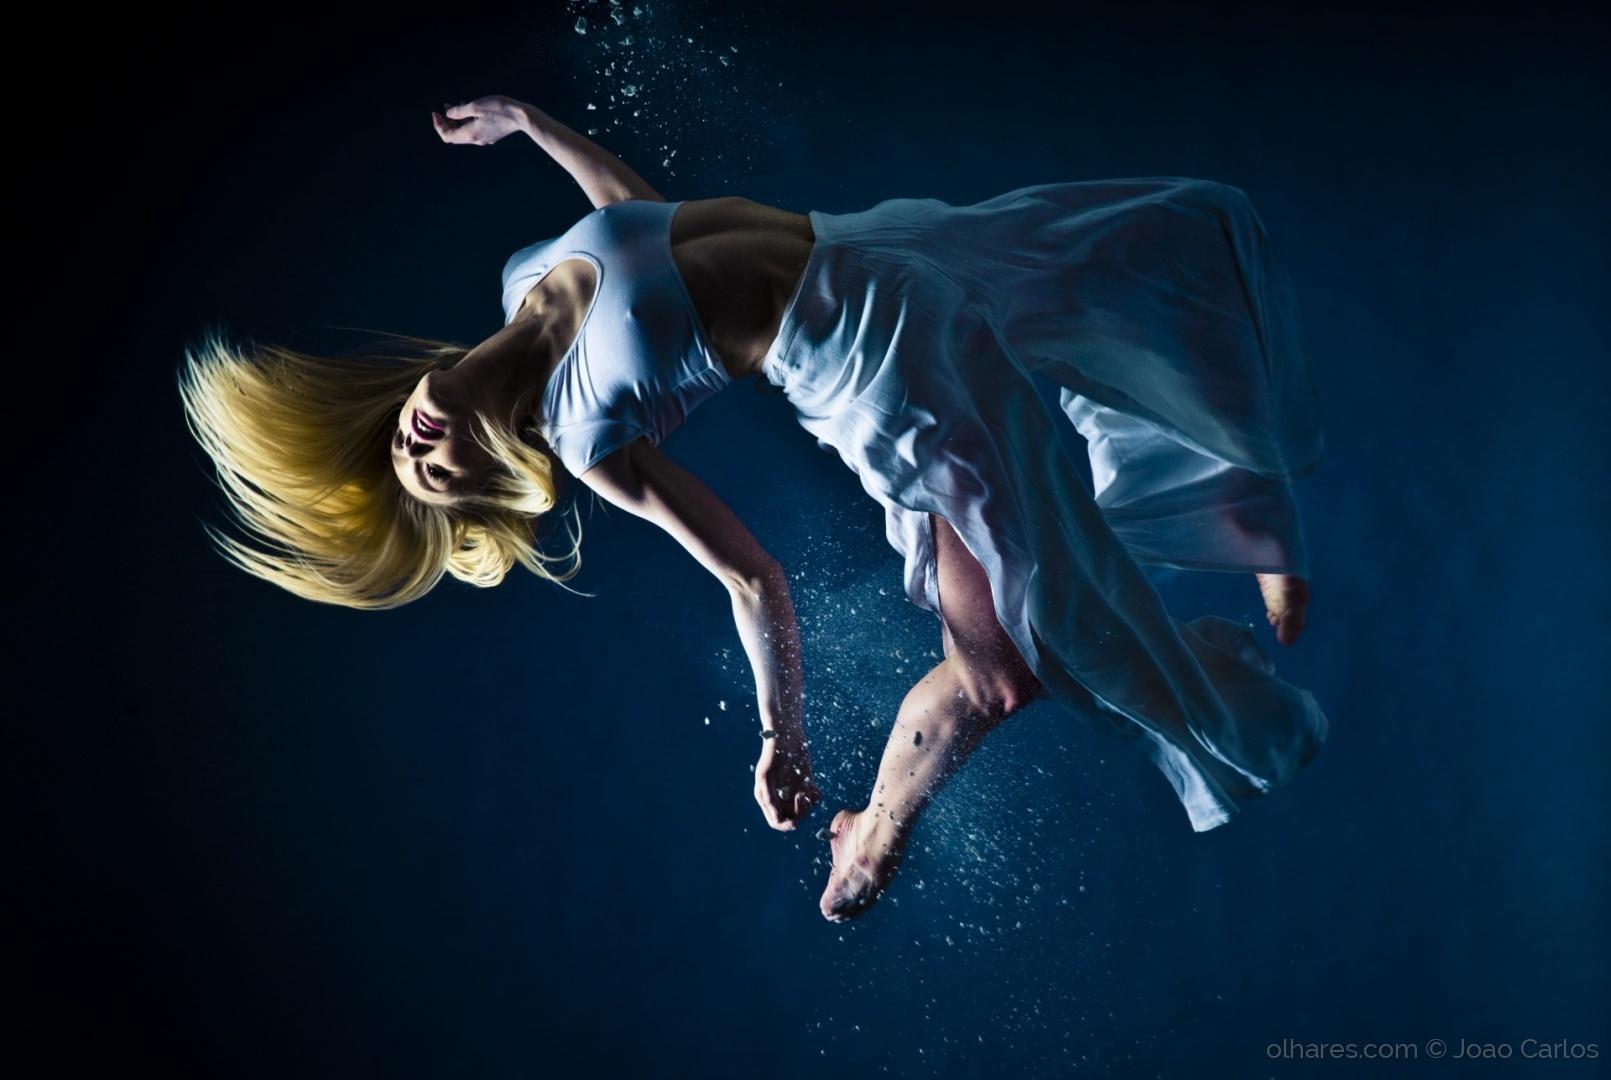 © Joao Carlos - Free Falling